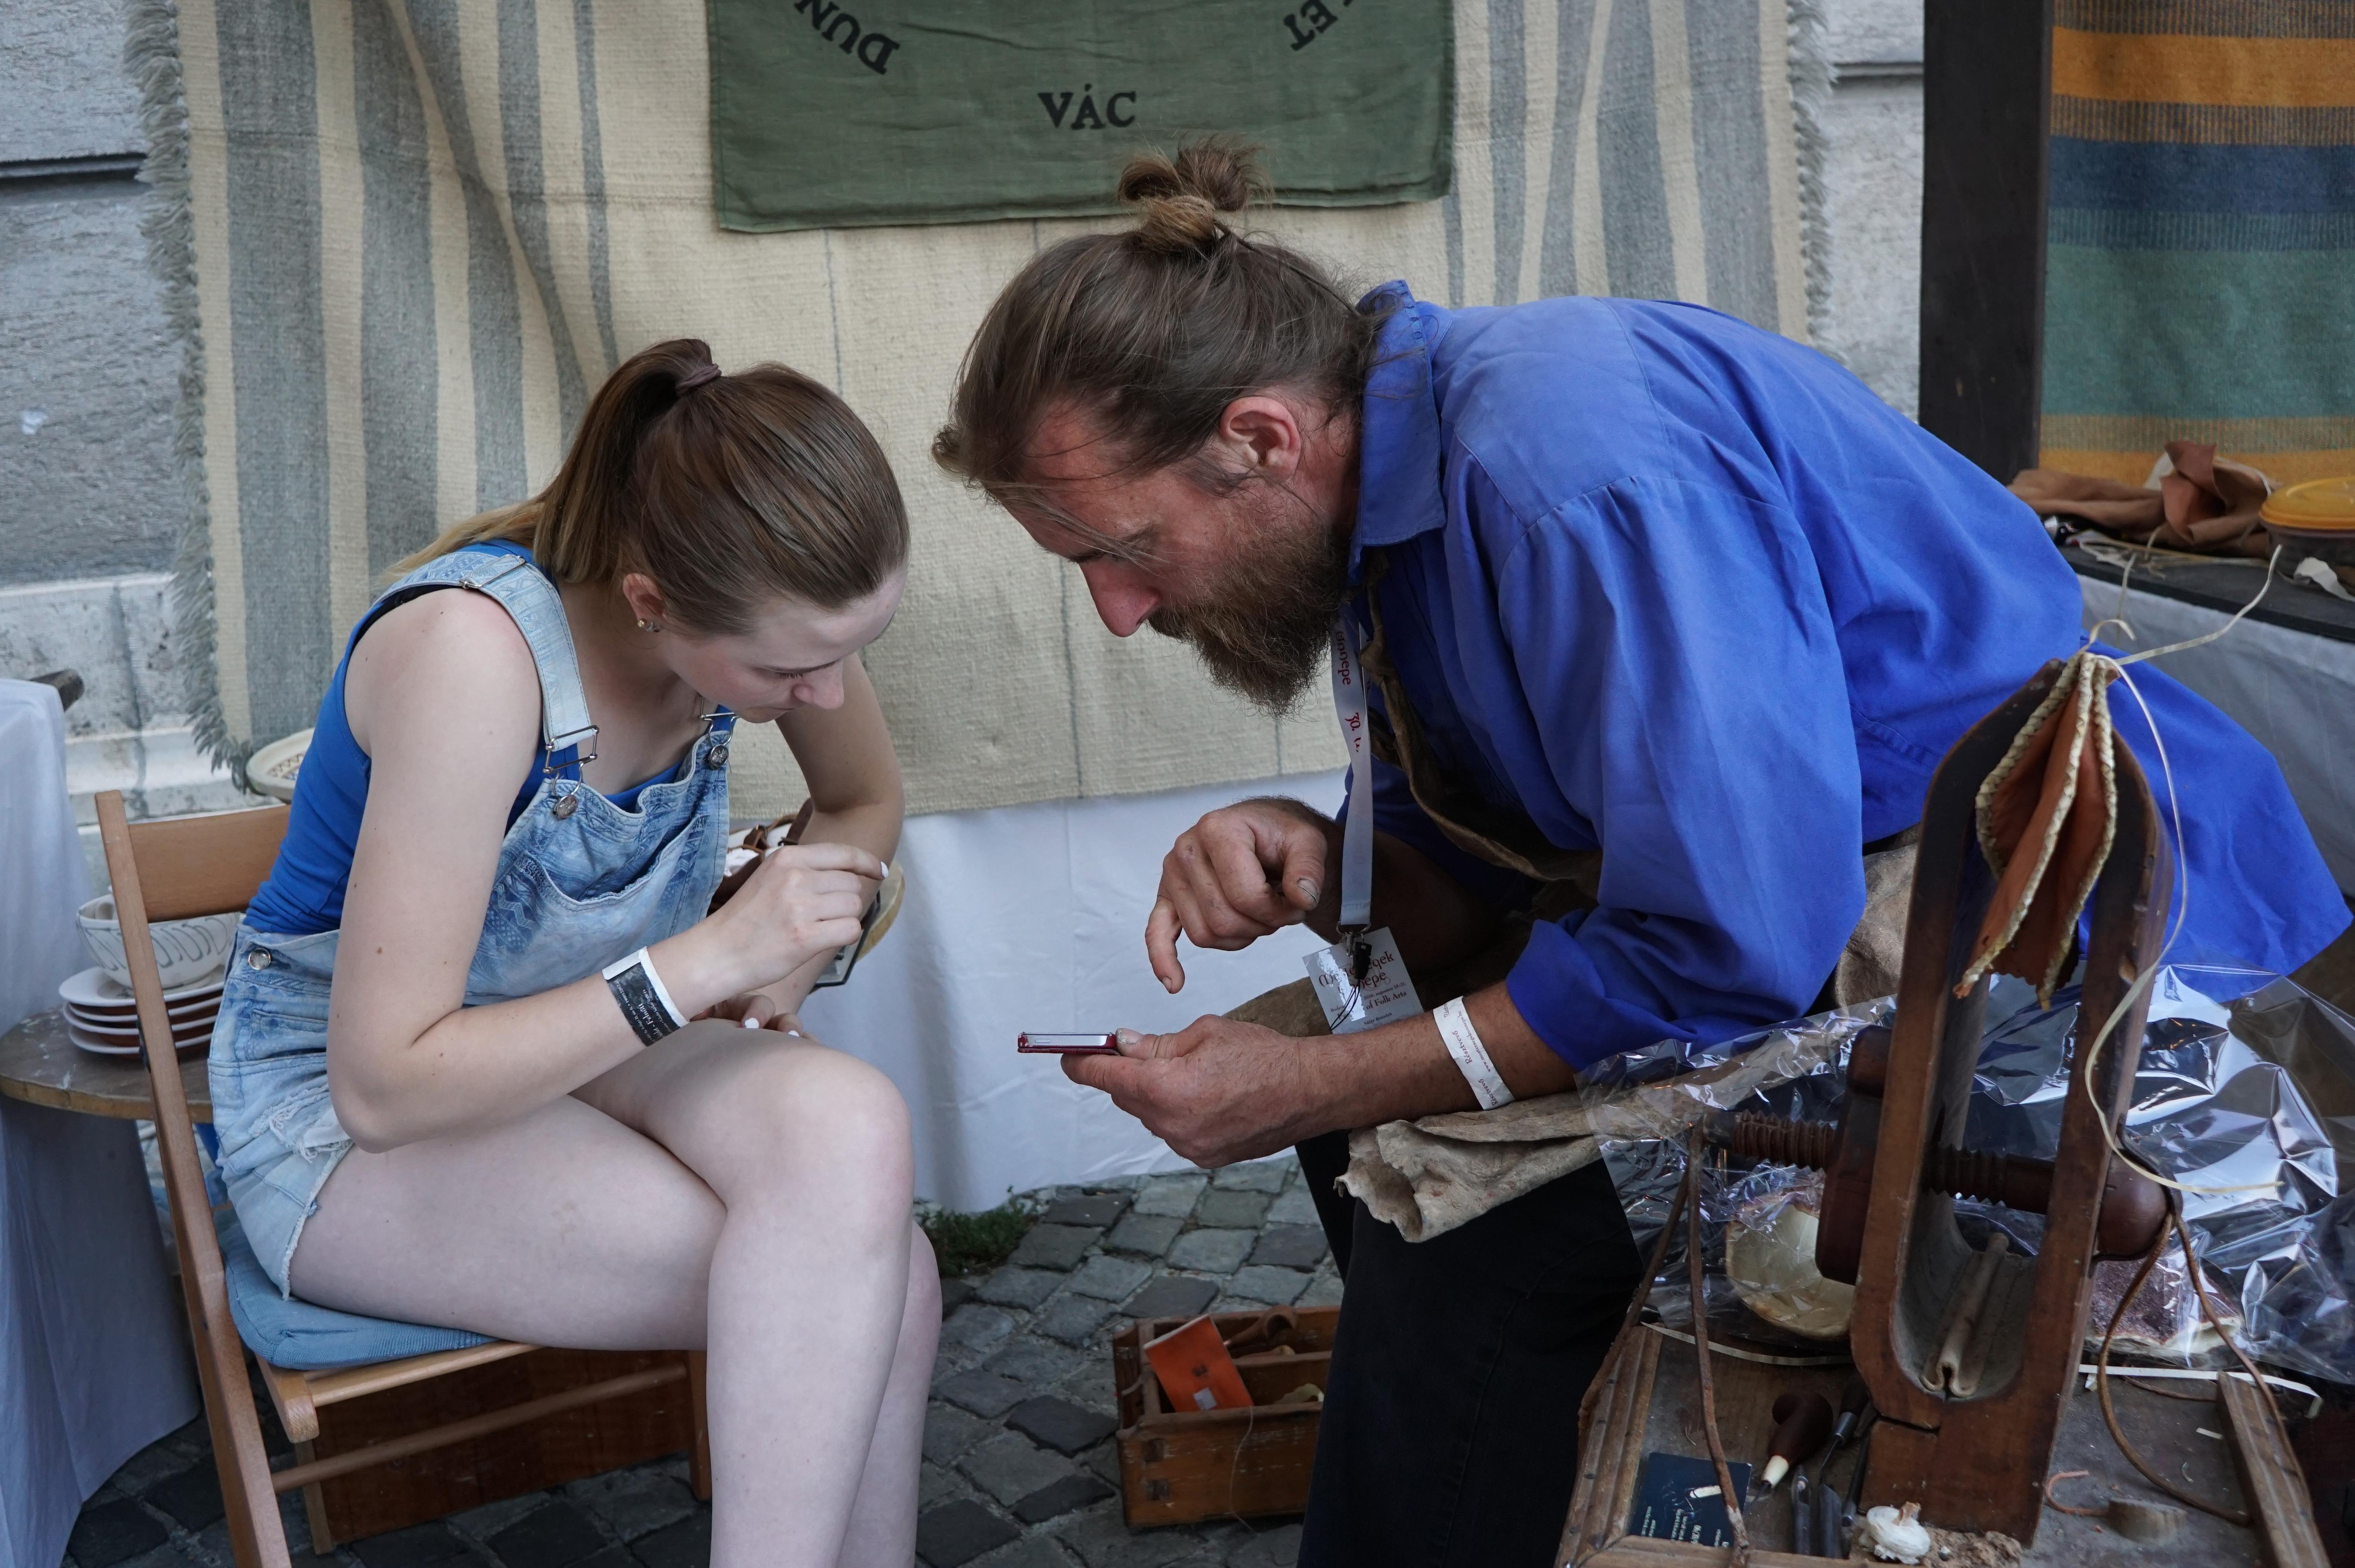 Salmakerlærling Katrine traff på en mester i faget. Benedek Sáfar har arbeidet med rekonstruksjoner av historikse saler og for den engelske garden. Katrine håper på en utveksling slik at hun kan lære enda mer i faget. Benedek var også glad for å møte faglig interesse og utveksle kontakt på tvers av landegrensene.